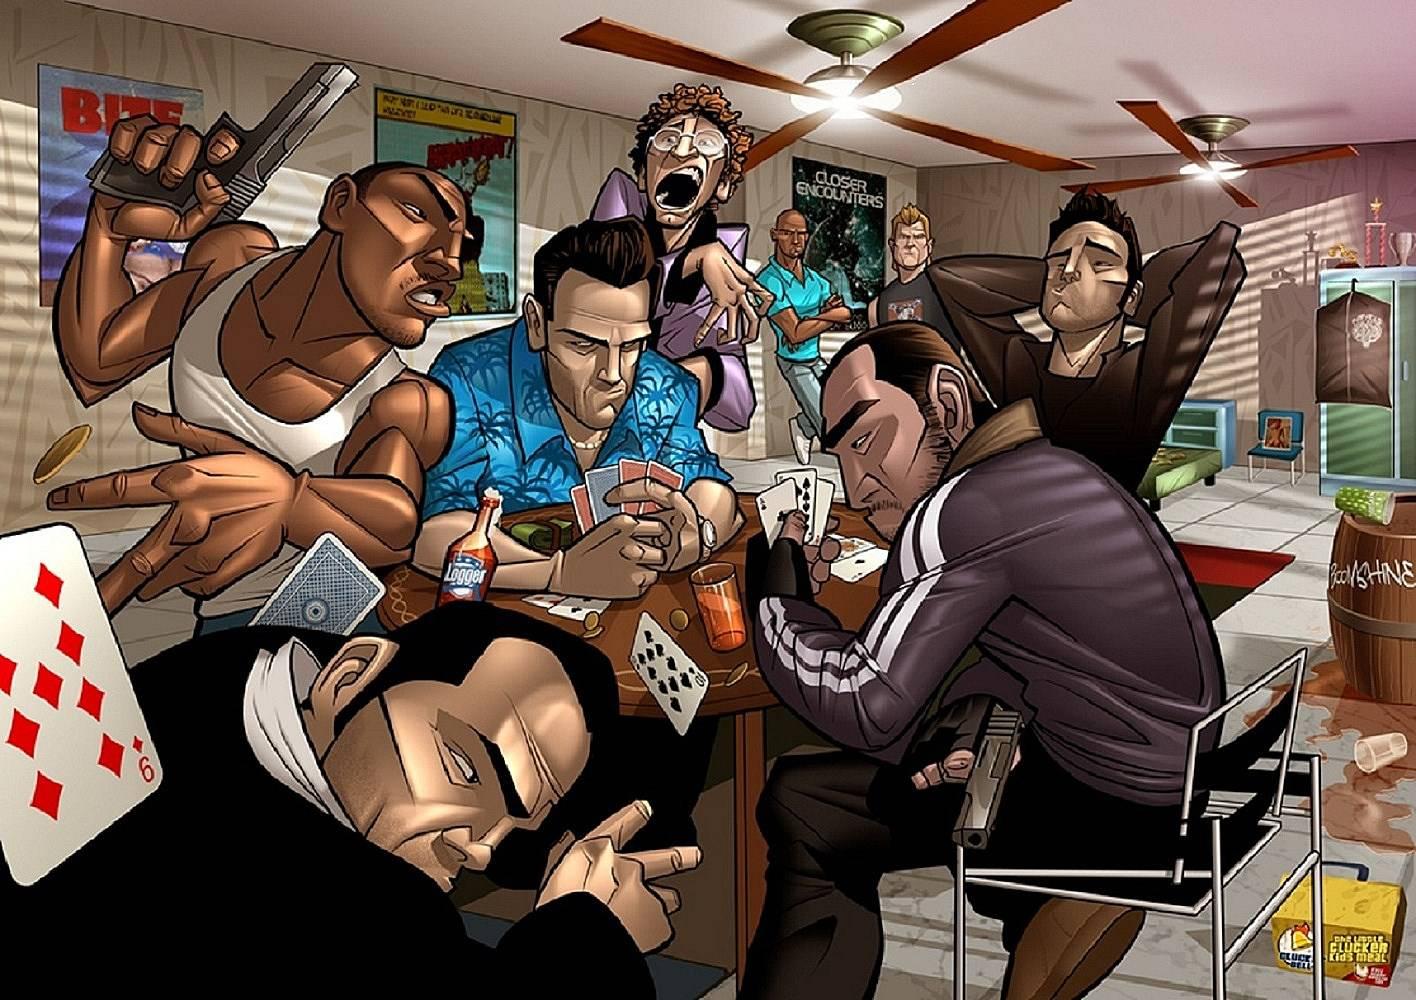 http://3.bp.blogspot.com/-QP-kkUKlkWw/VXG2s4VQB1I/AAAAAAAAAnM/H-uVAwUsl2E/s1600/grand-theft-auto-gta-artwork-wallpaper